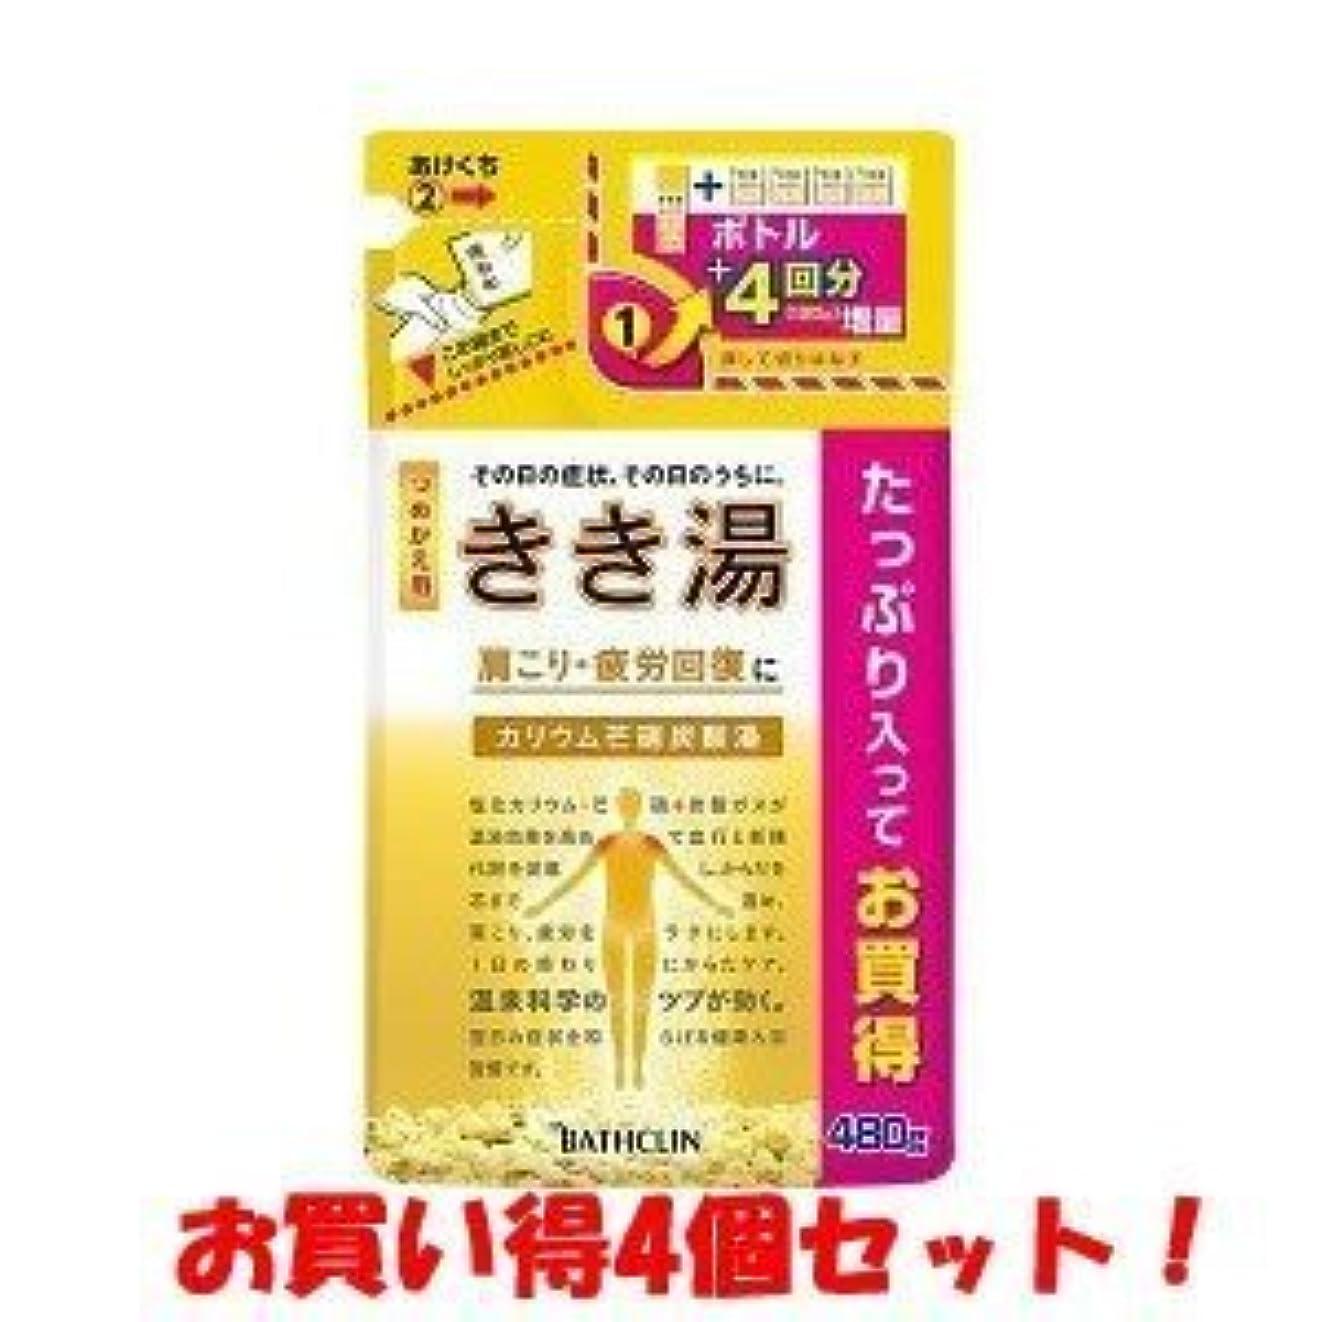 サバントチューブ専ら(バスクリン)きき湯 カリウム芒硝炭酸湯 つめかえ用 480g(医薬部外品)(お買い得4個セット)